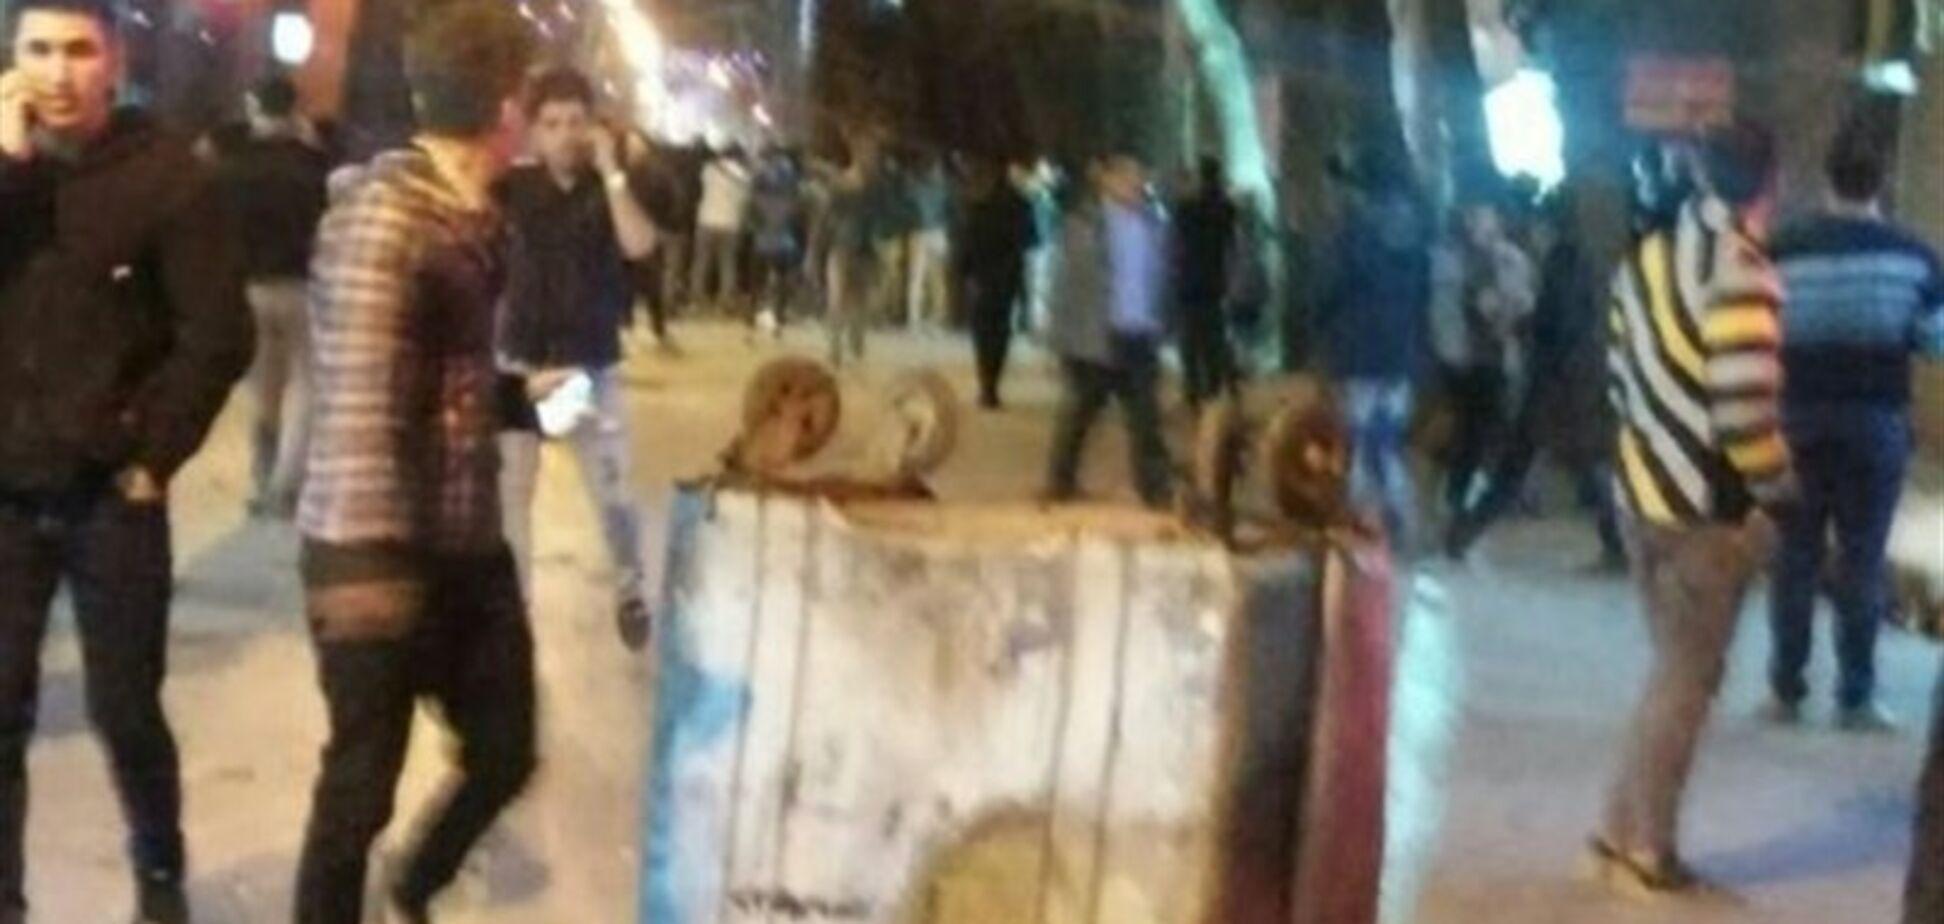 Заворушення в Ірані: влада пригрозила бунтівникам 'суворим покаранням'